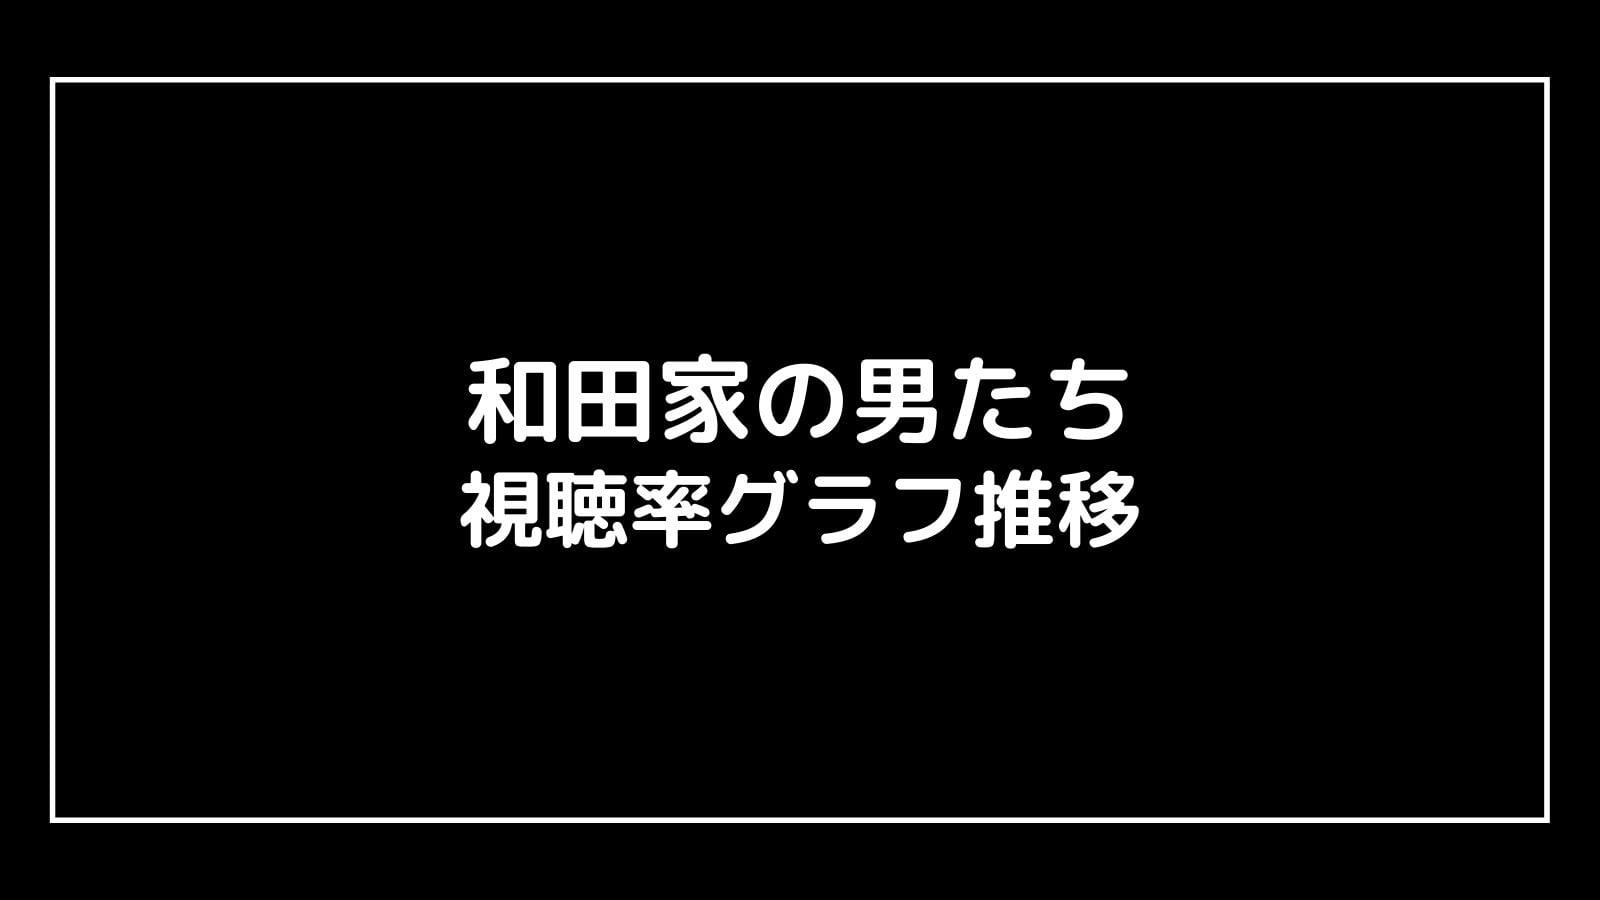 『和田家の男たち』現在の視聴率速報と最終回までのグラフ推移